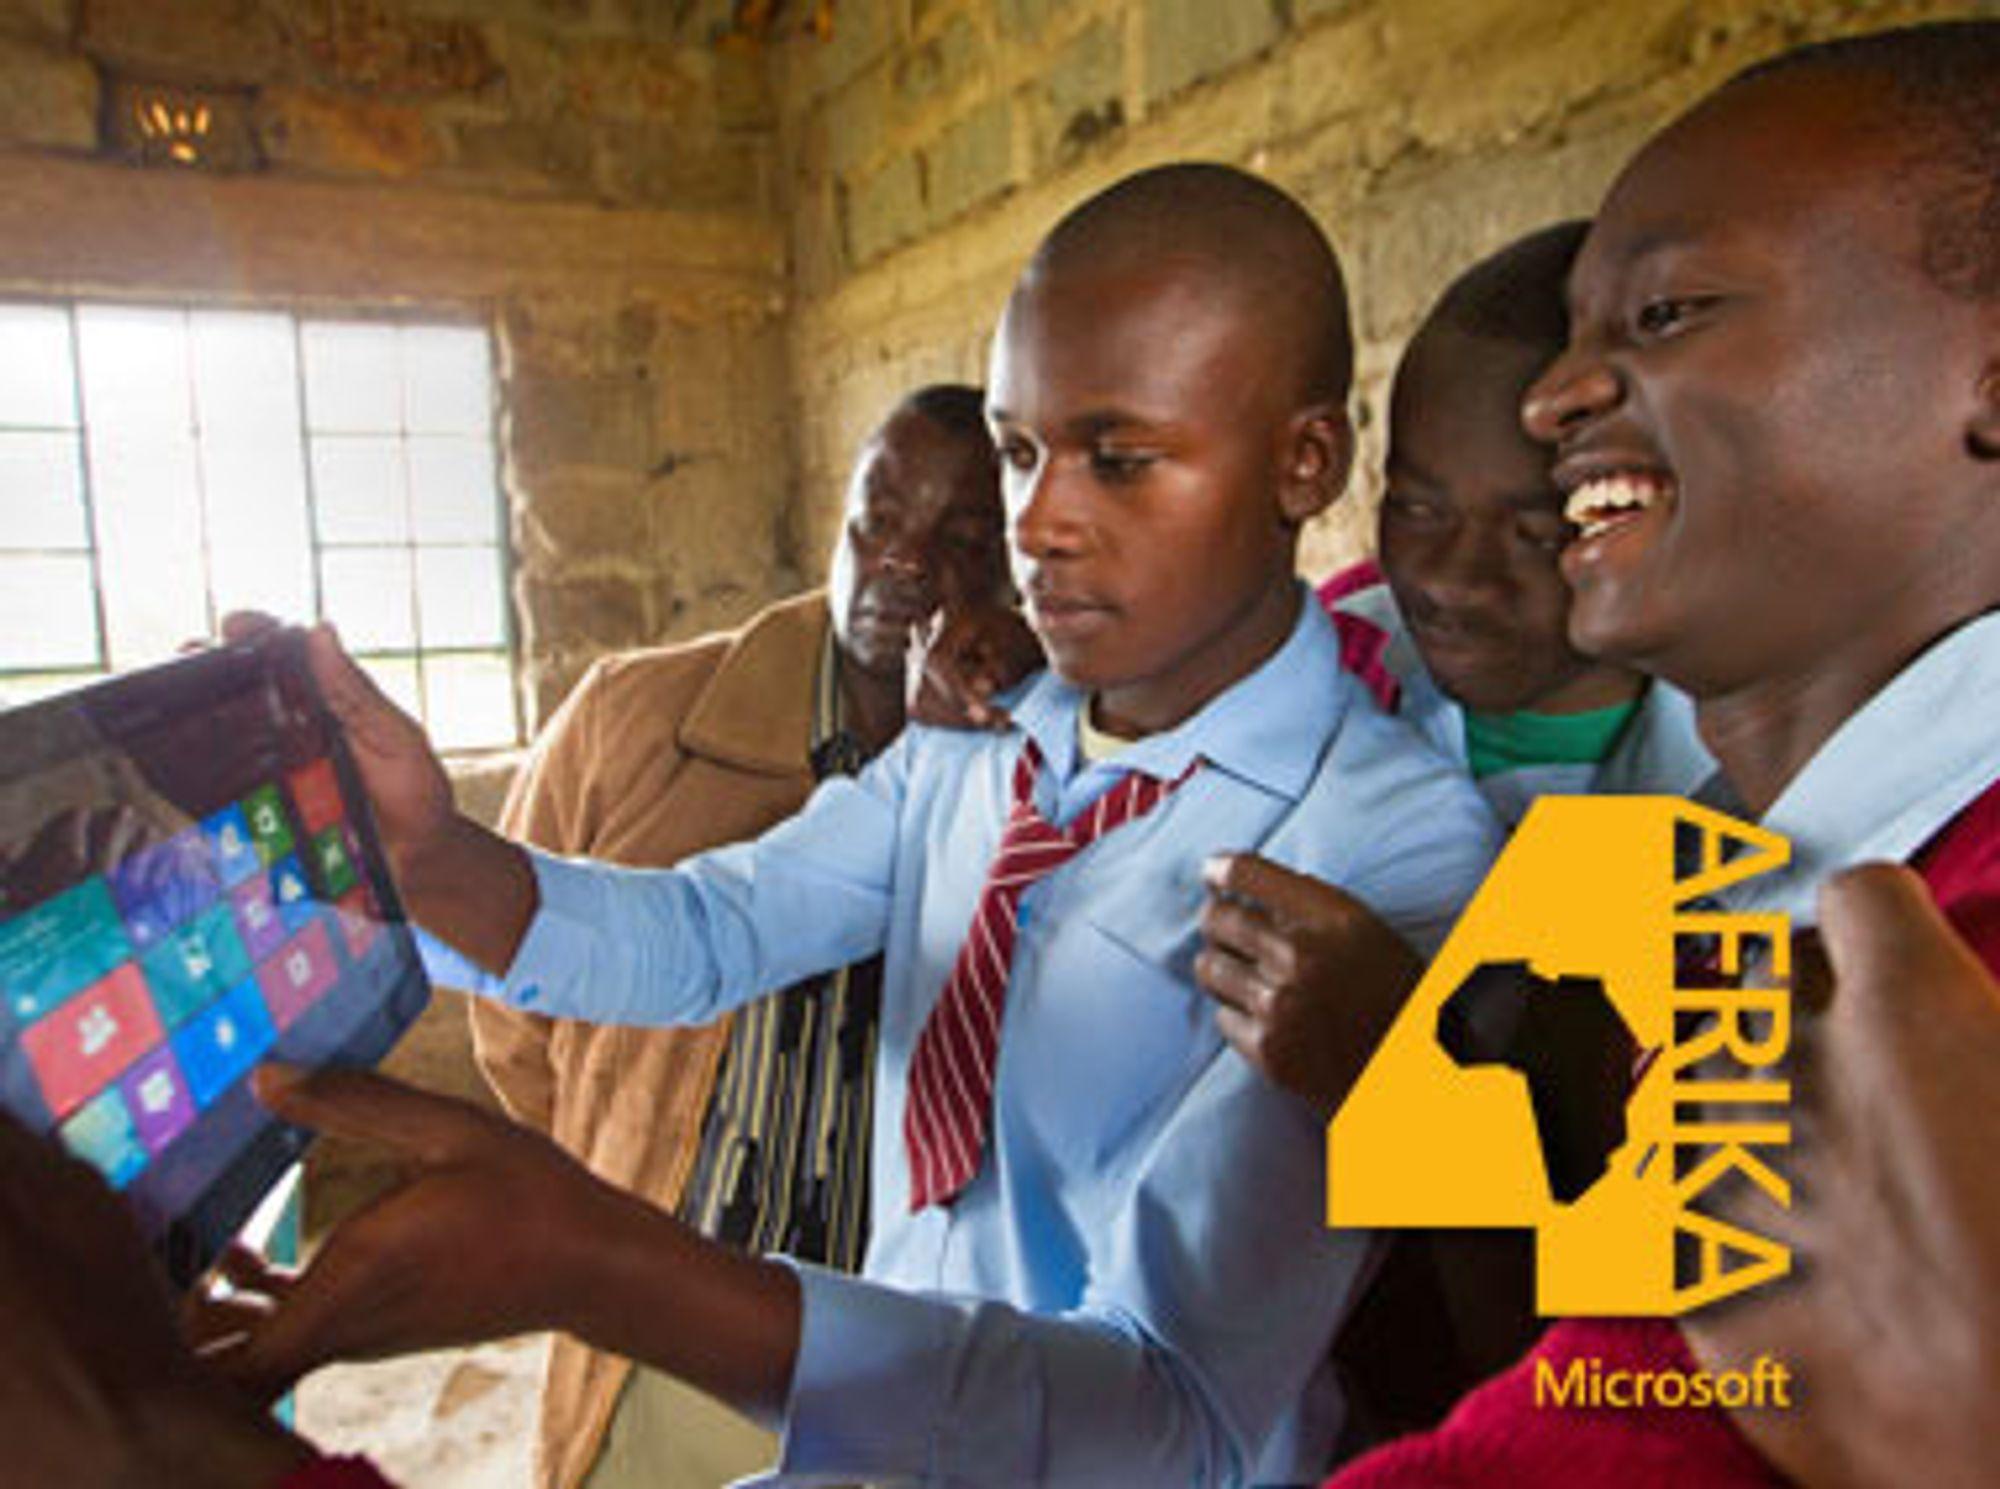 Slik presenterer Microsoft prosjektet der bredbånd leveres av solcelledrevne basestasjoner som utnytter ledige tv-frekvenser.